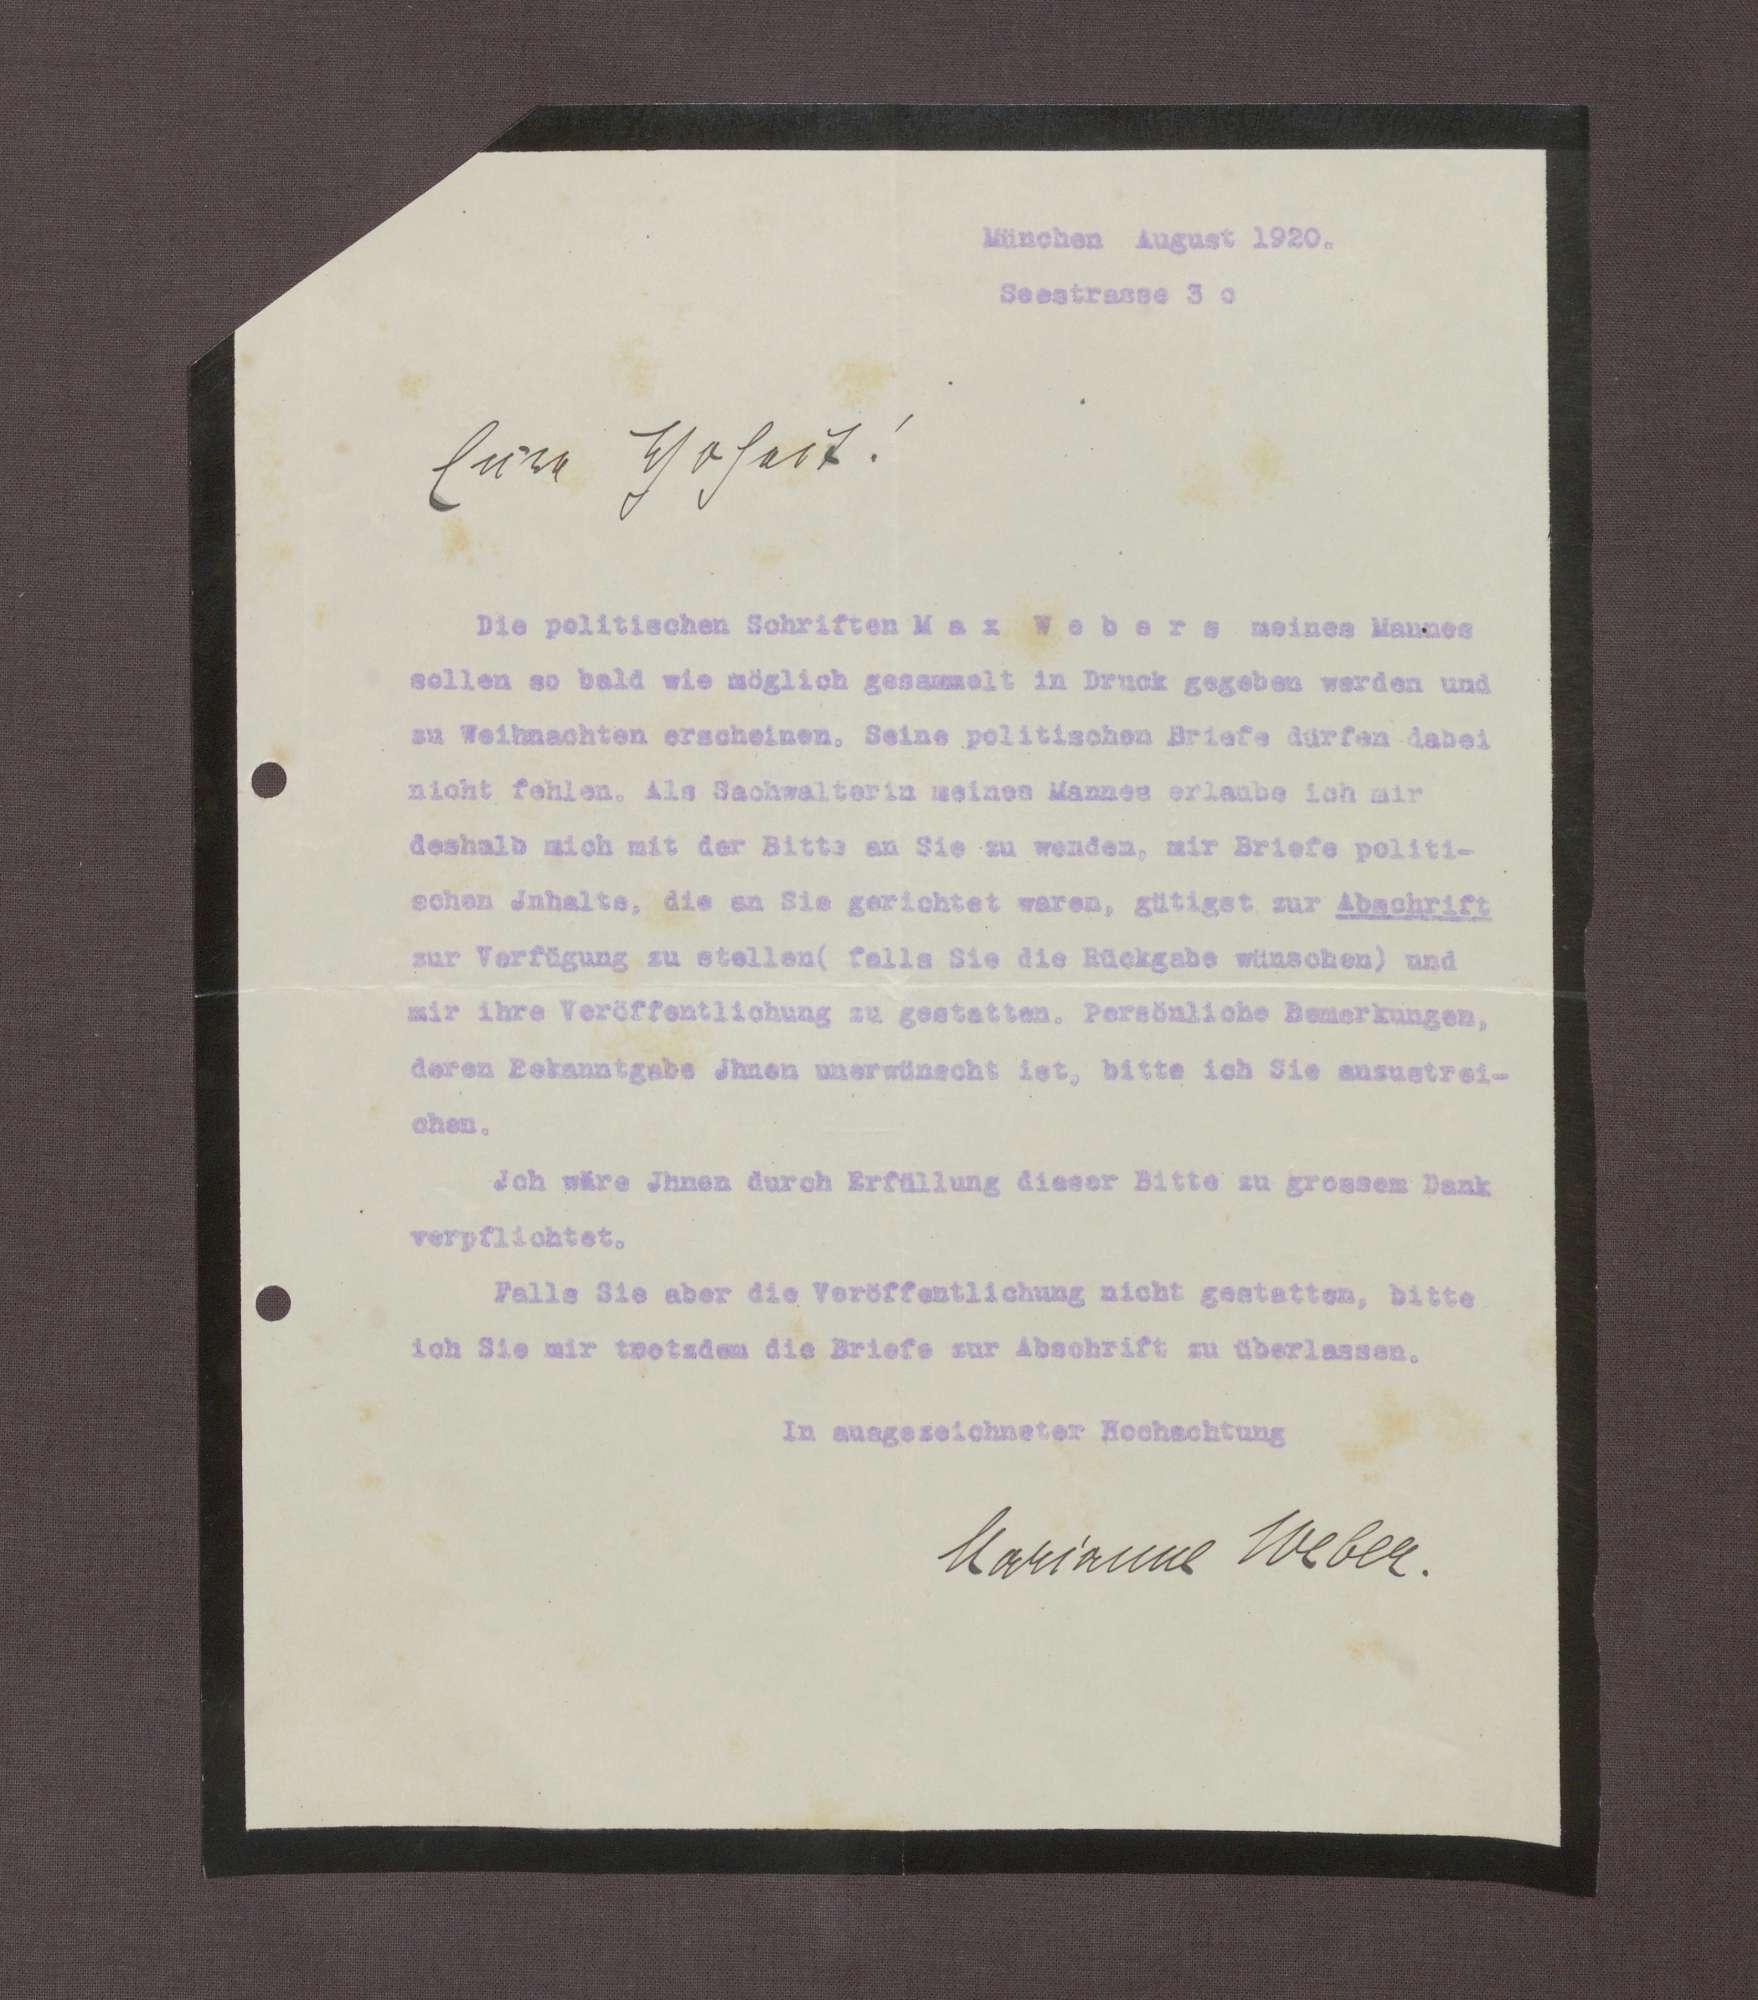 Schreiben von Marianne Weber an Prinz Max von Baden; Bitte um eine Abschrift der politischen Briefe zwecks einer Edition der politischen Schriften Max Webers, Bild 1